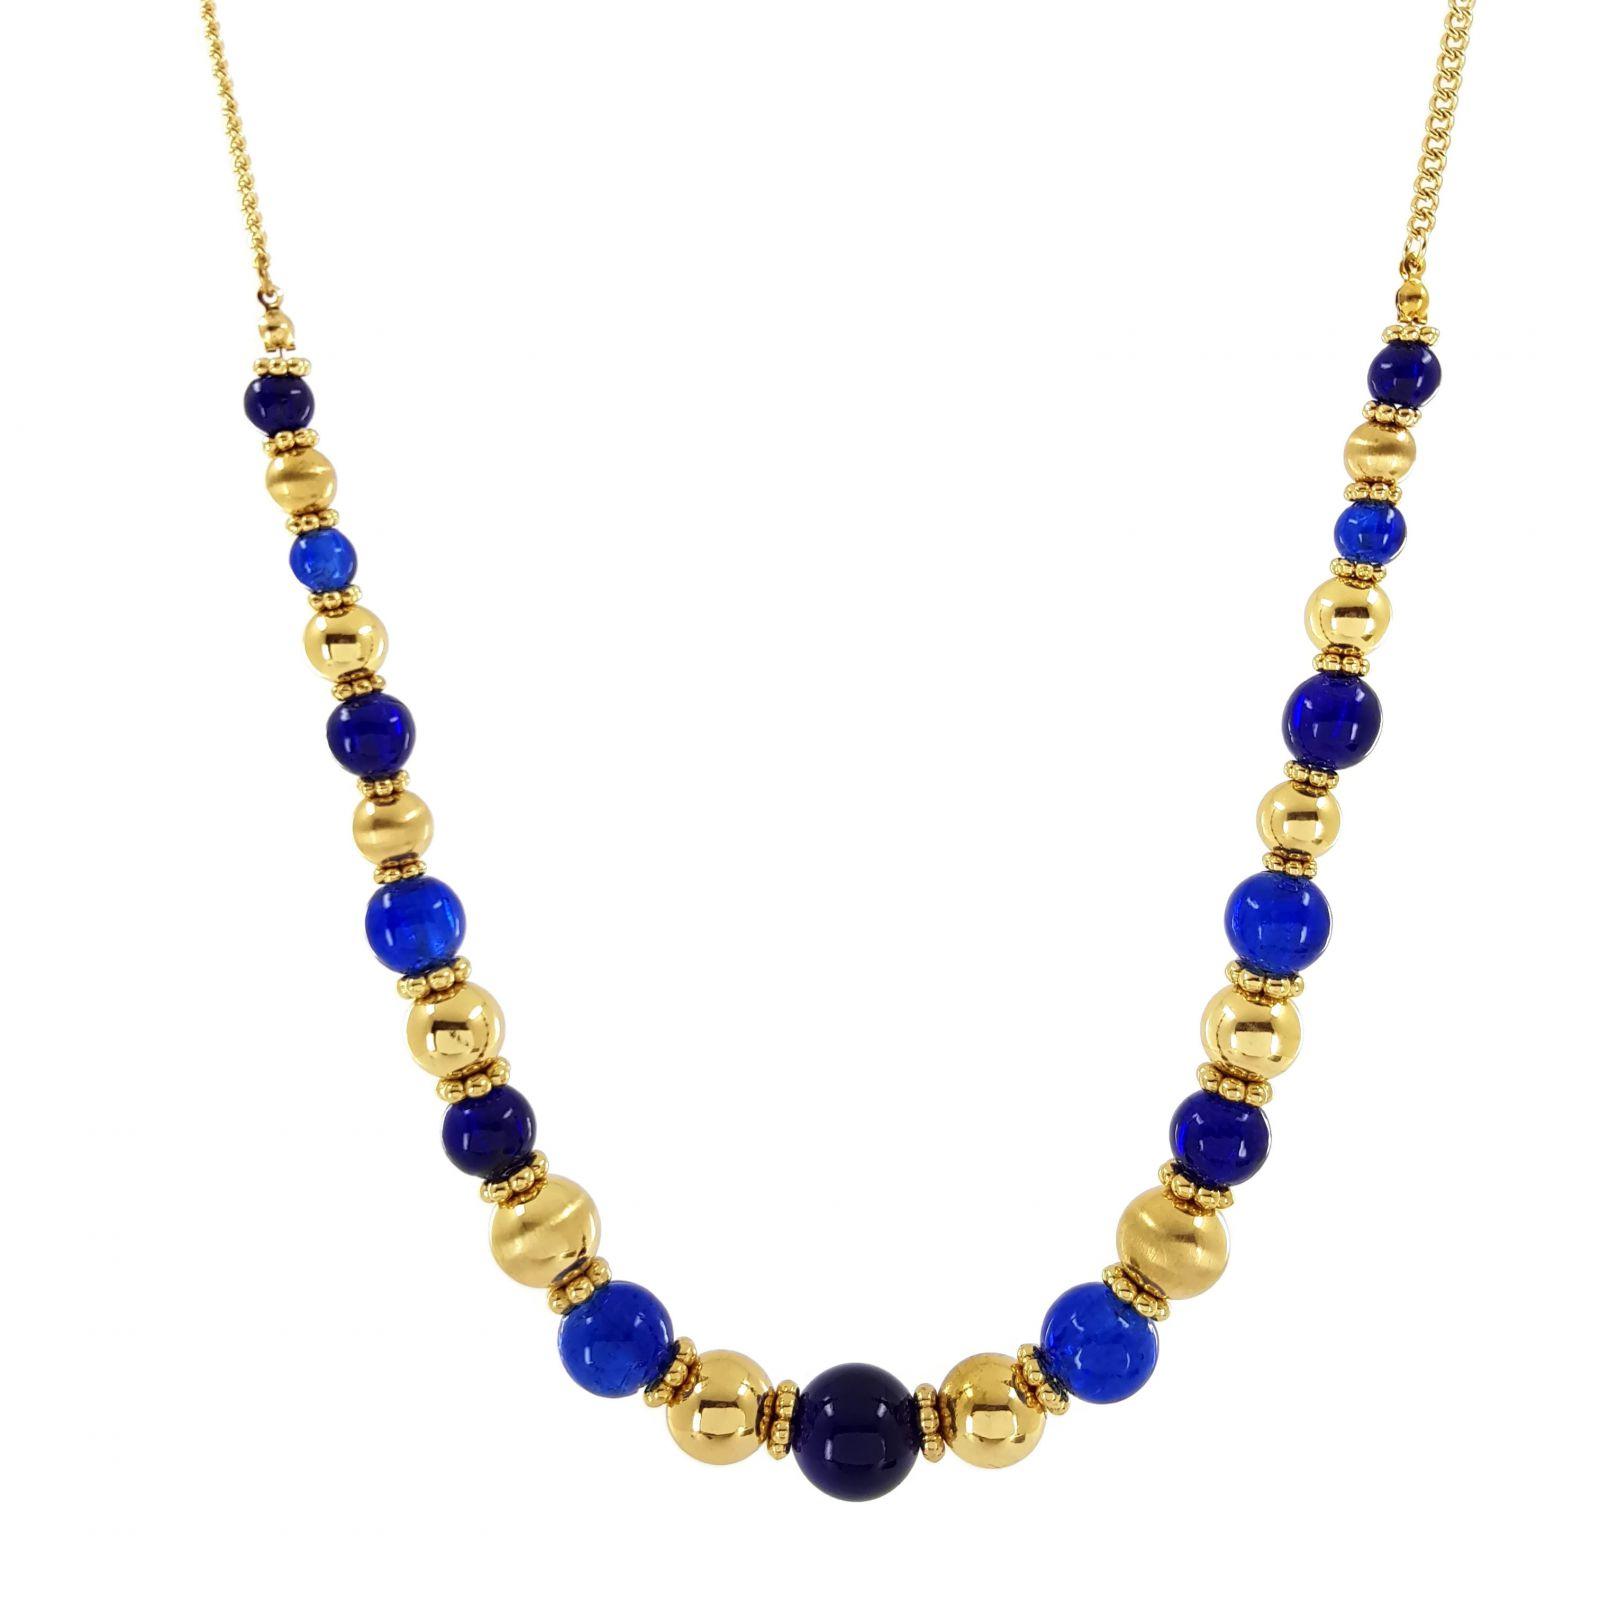 Zlatý dlouhý náhrdelník s kuličkami GIIL